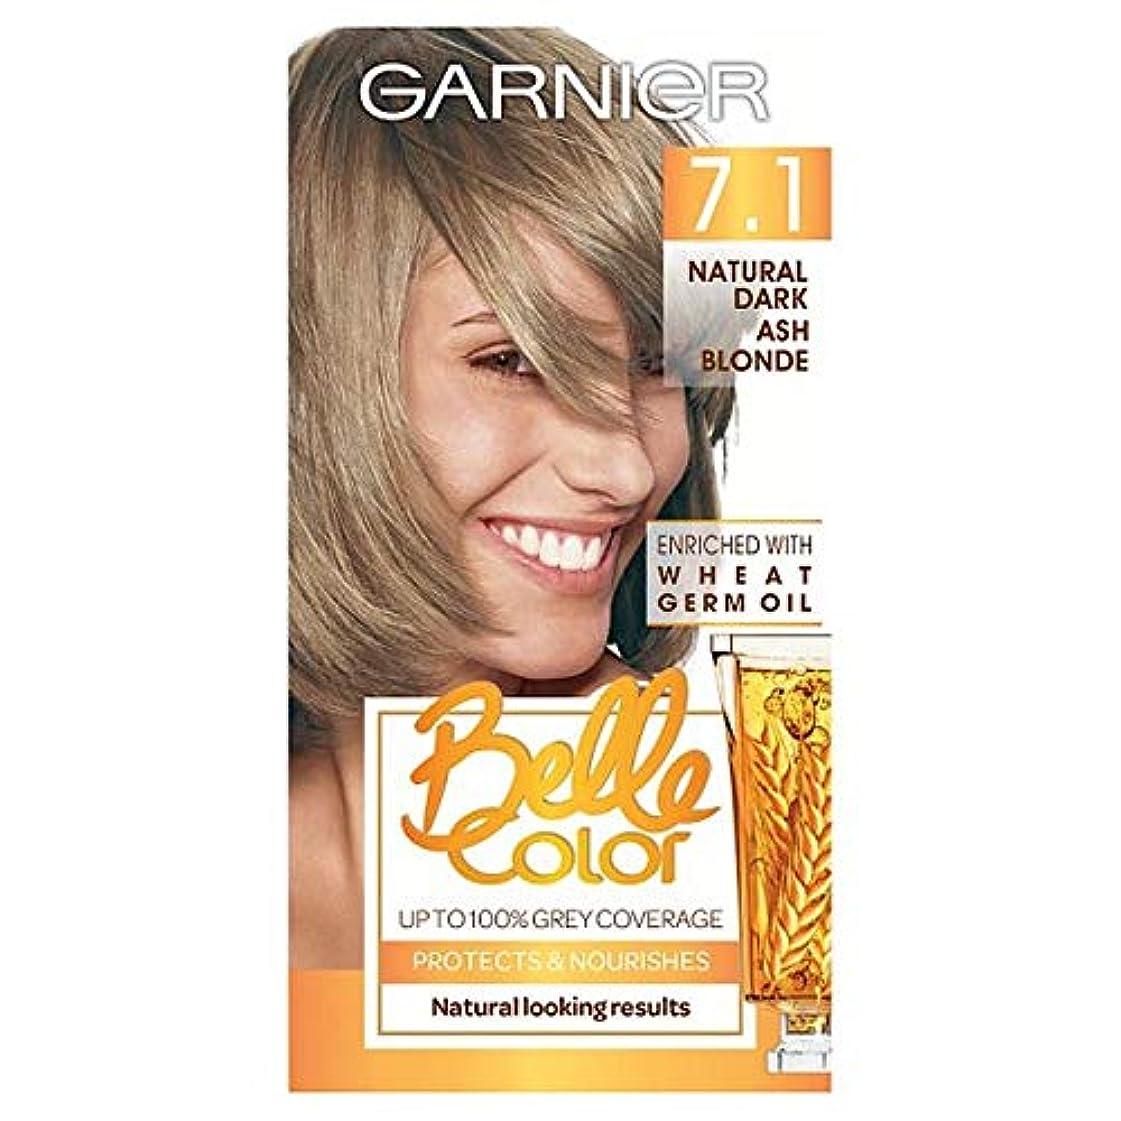 感度達成可能アラブ人[Belle Color] ガーン/ベル/Clr 7.1自然暗い灰ブロンドパーマネントヘアダイ - Garn/Bel/Clr 7.1 Natural Dark Ash Blonde Permanent Hair Dye...